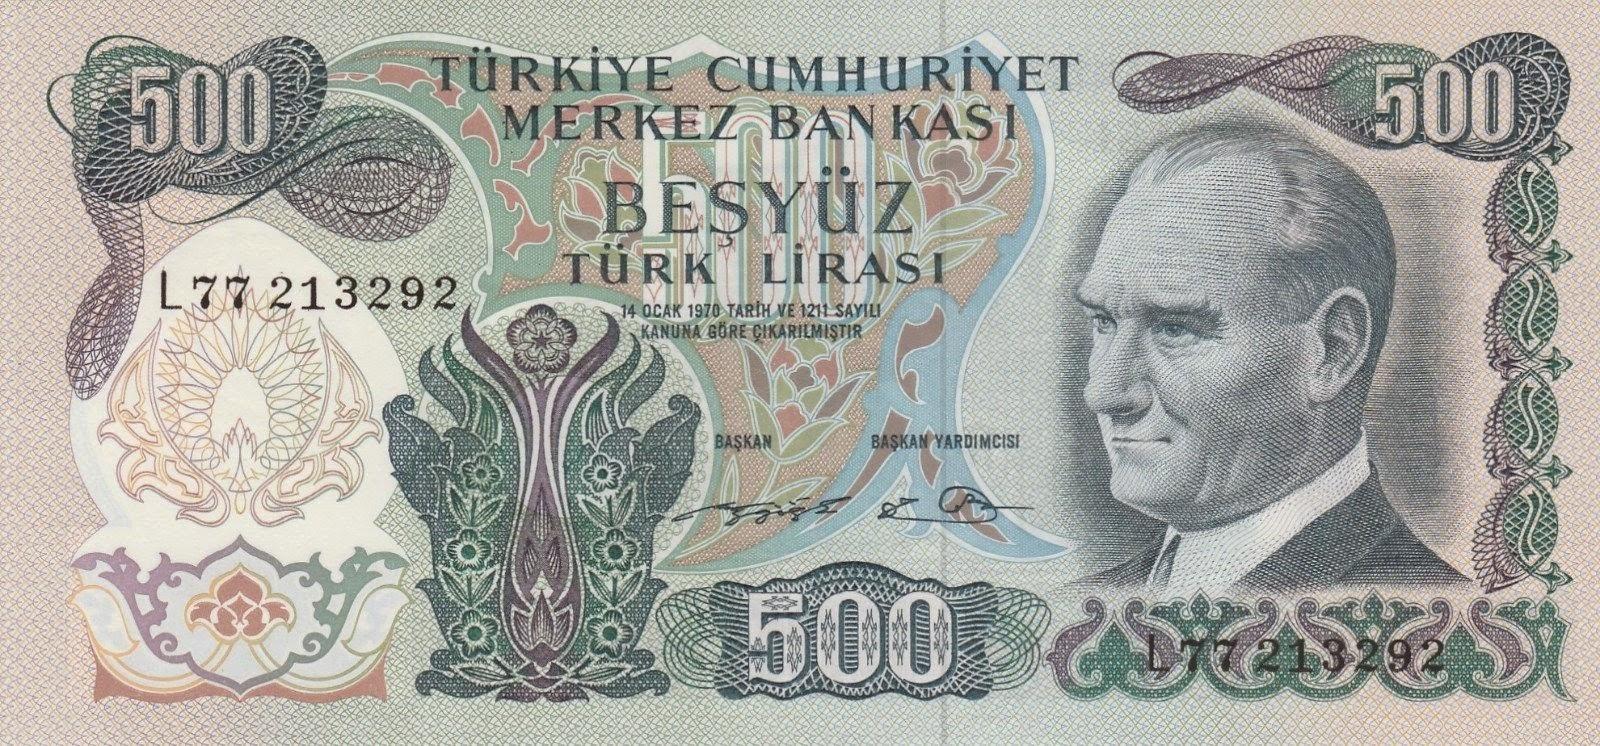 """Turkey Banknotes 500 Türk Lirasi """"Turkish Lira"""" note, Mustafa Kemal Atatürk"""